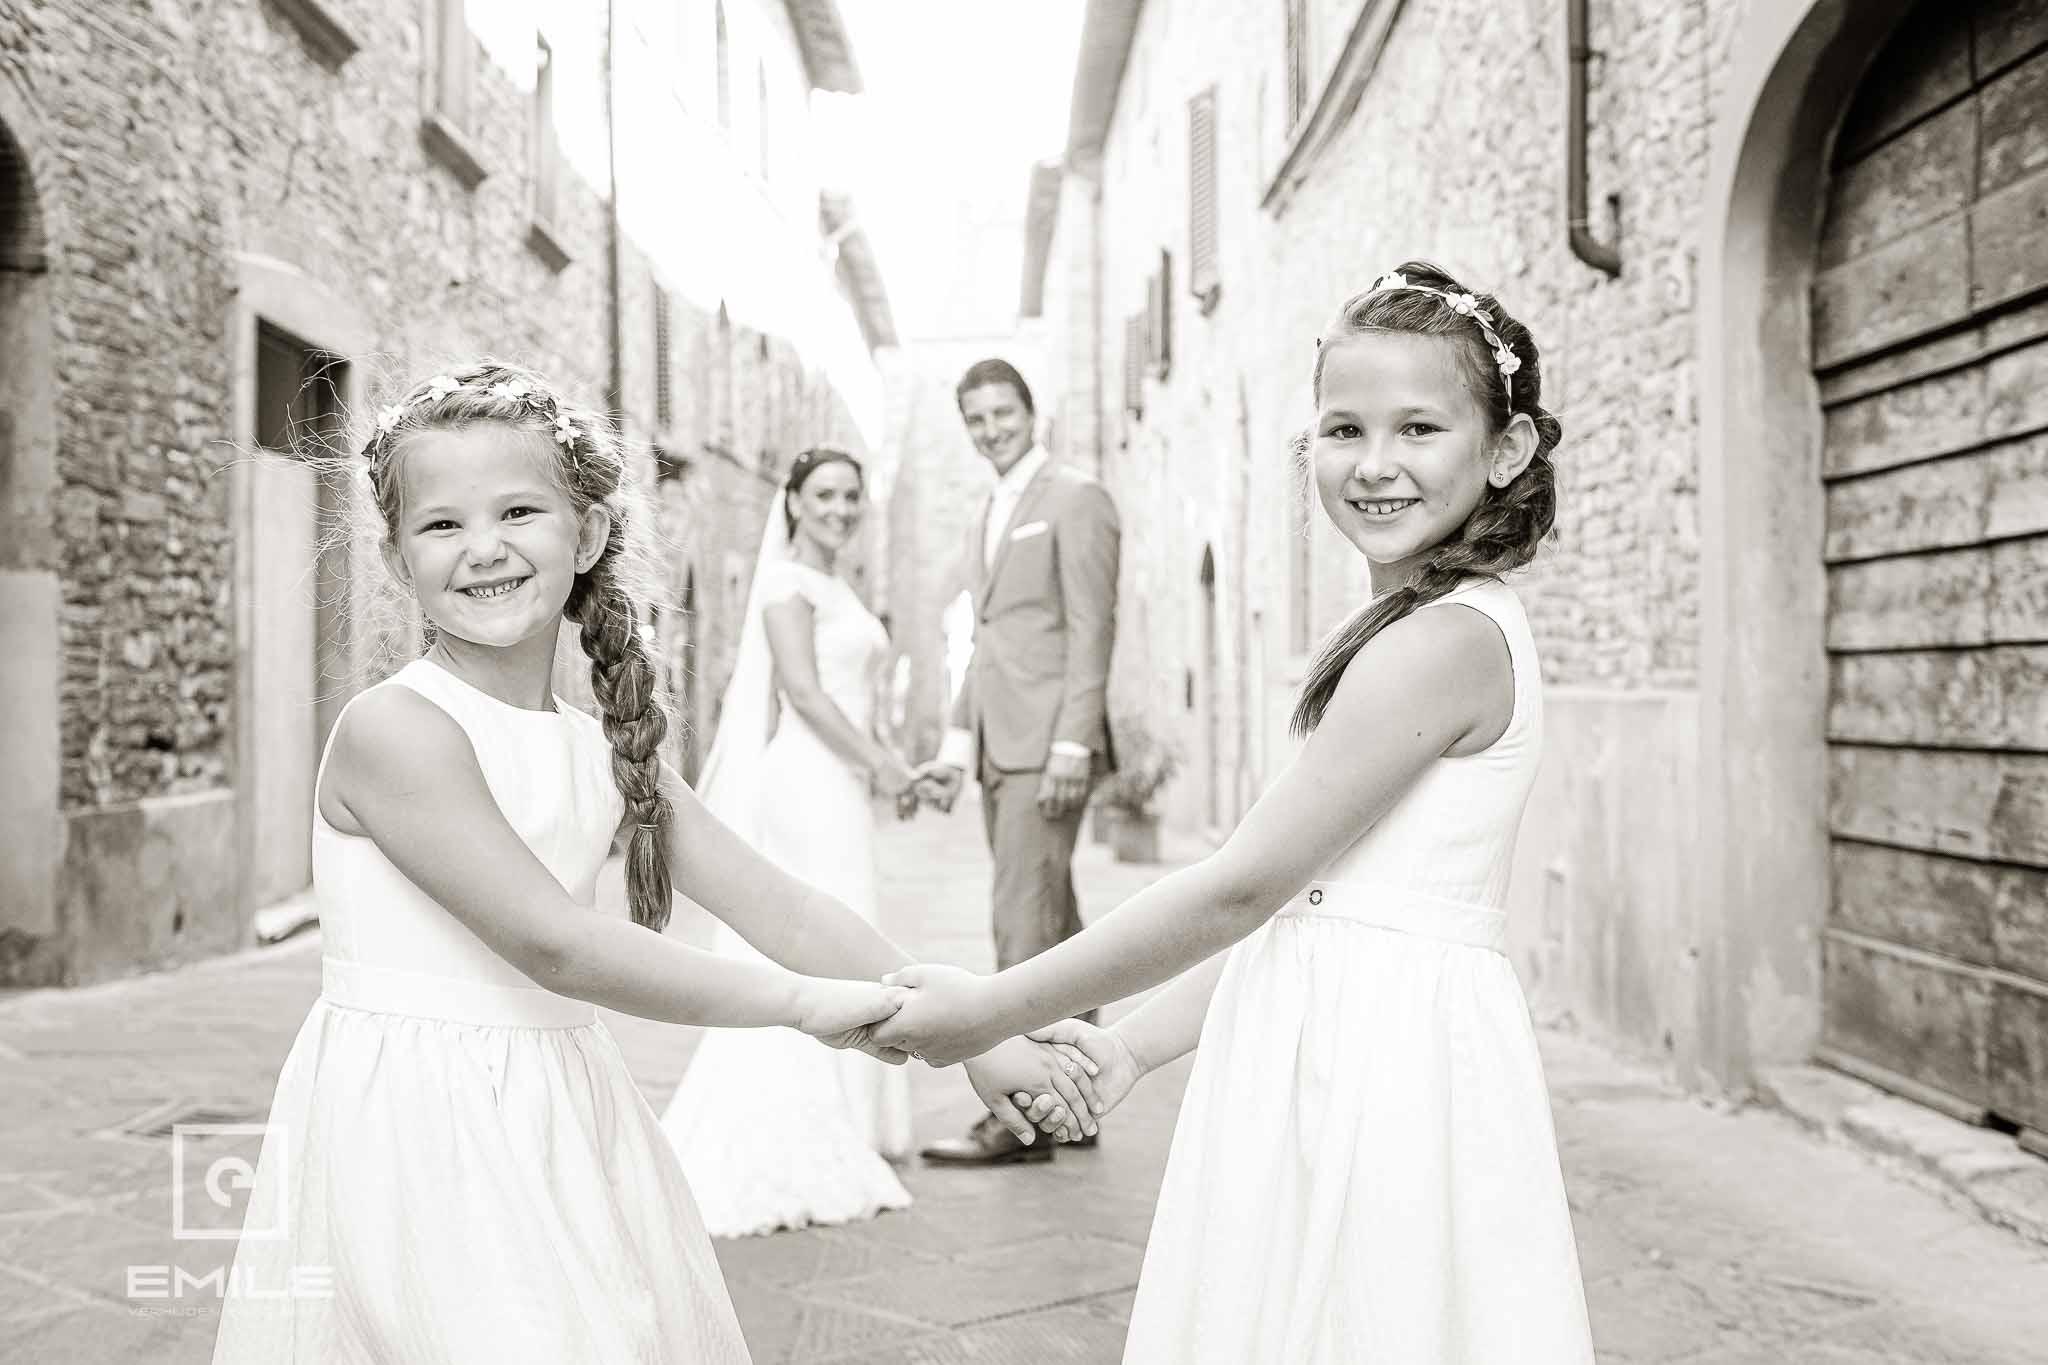 Kinderen op de voorgrond - Destination wedding San Gimignano - Toscane Italie - Iris en Job